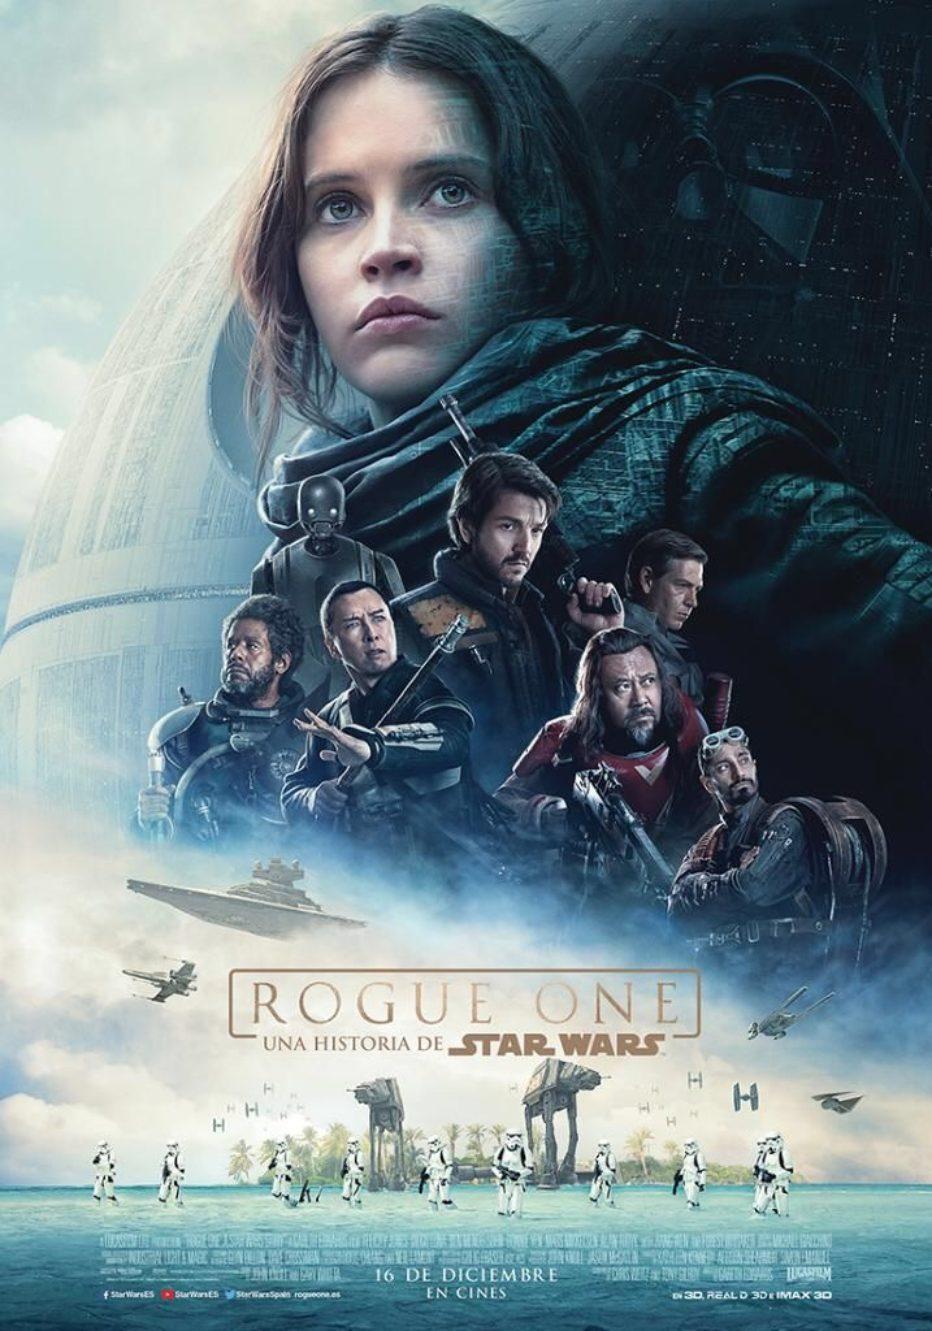 Nuevo trailer de Rogue One!!